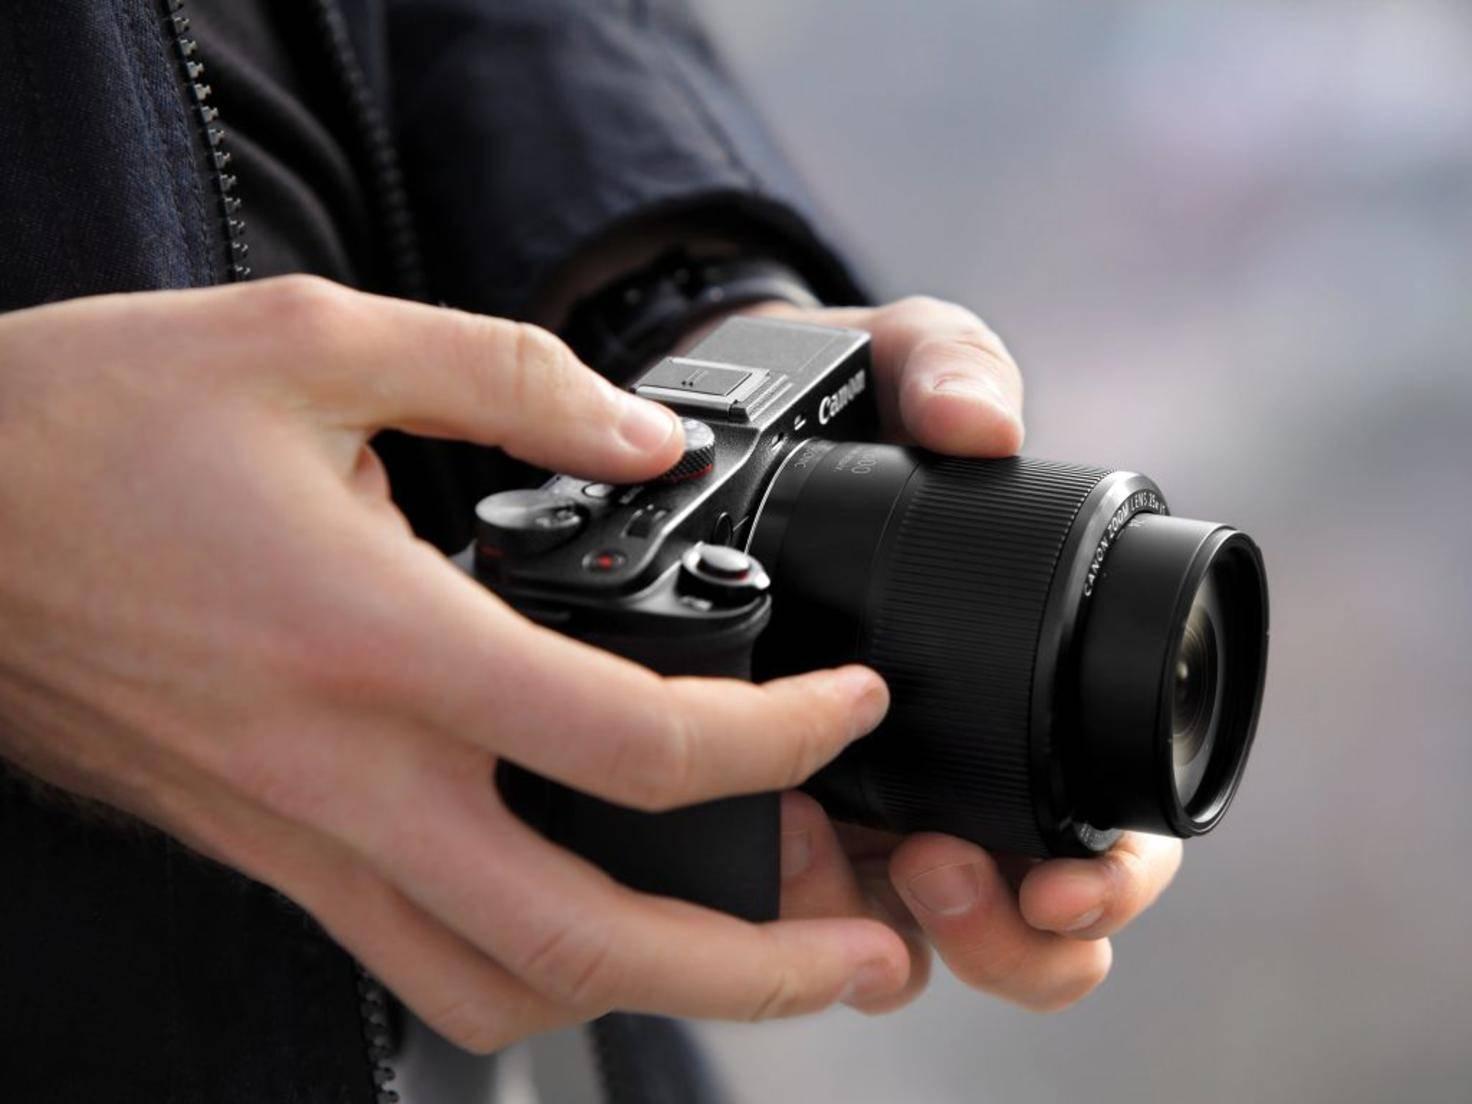 Die G3 X richtet sich an ambitionierte Fotografen, die...